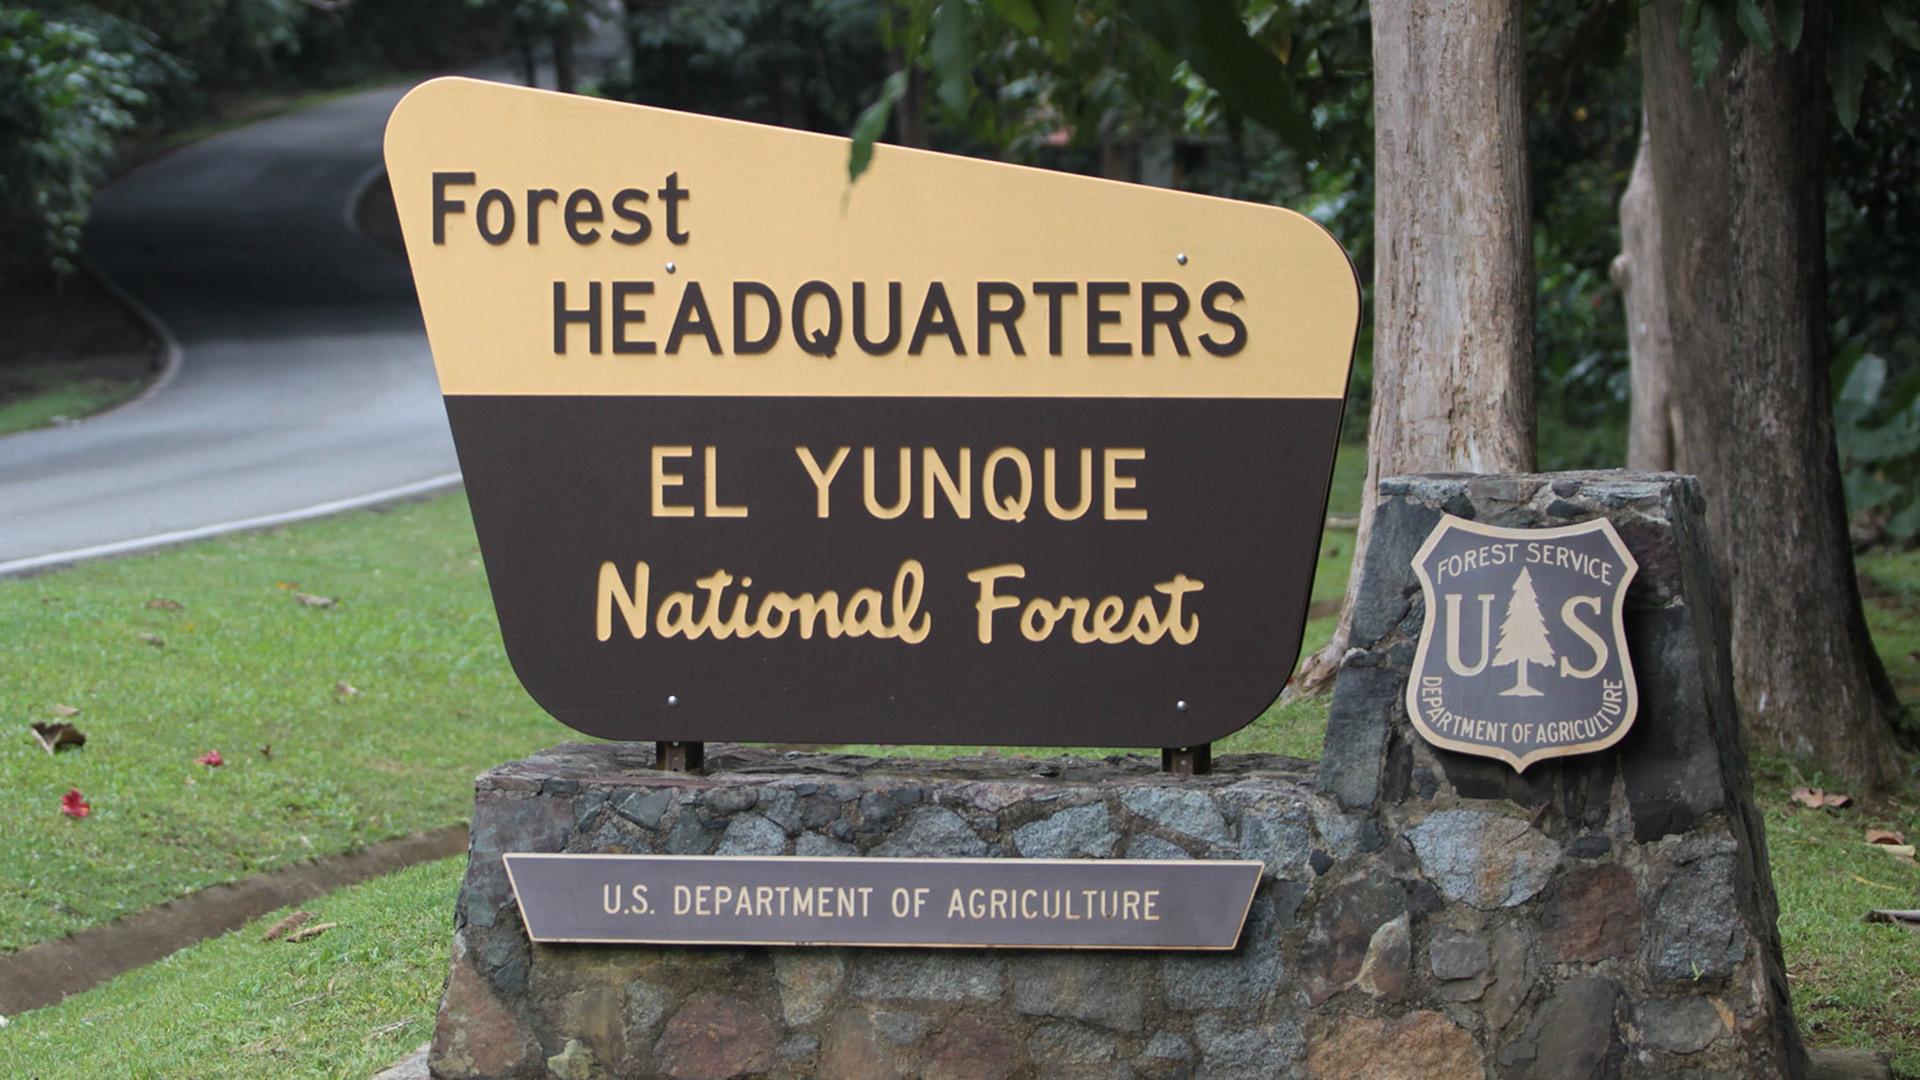 El maravilloso encanto natural de El Yunque